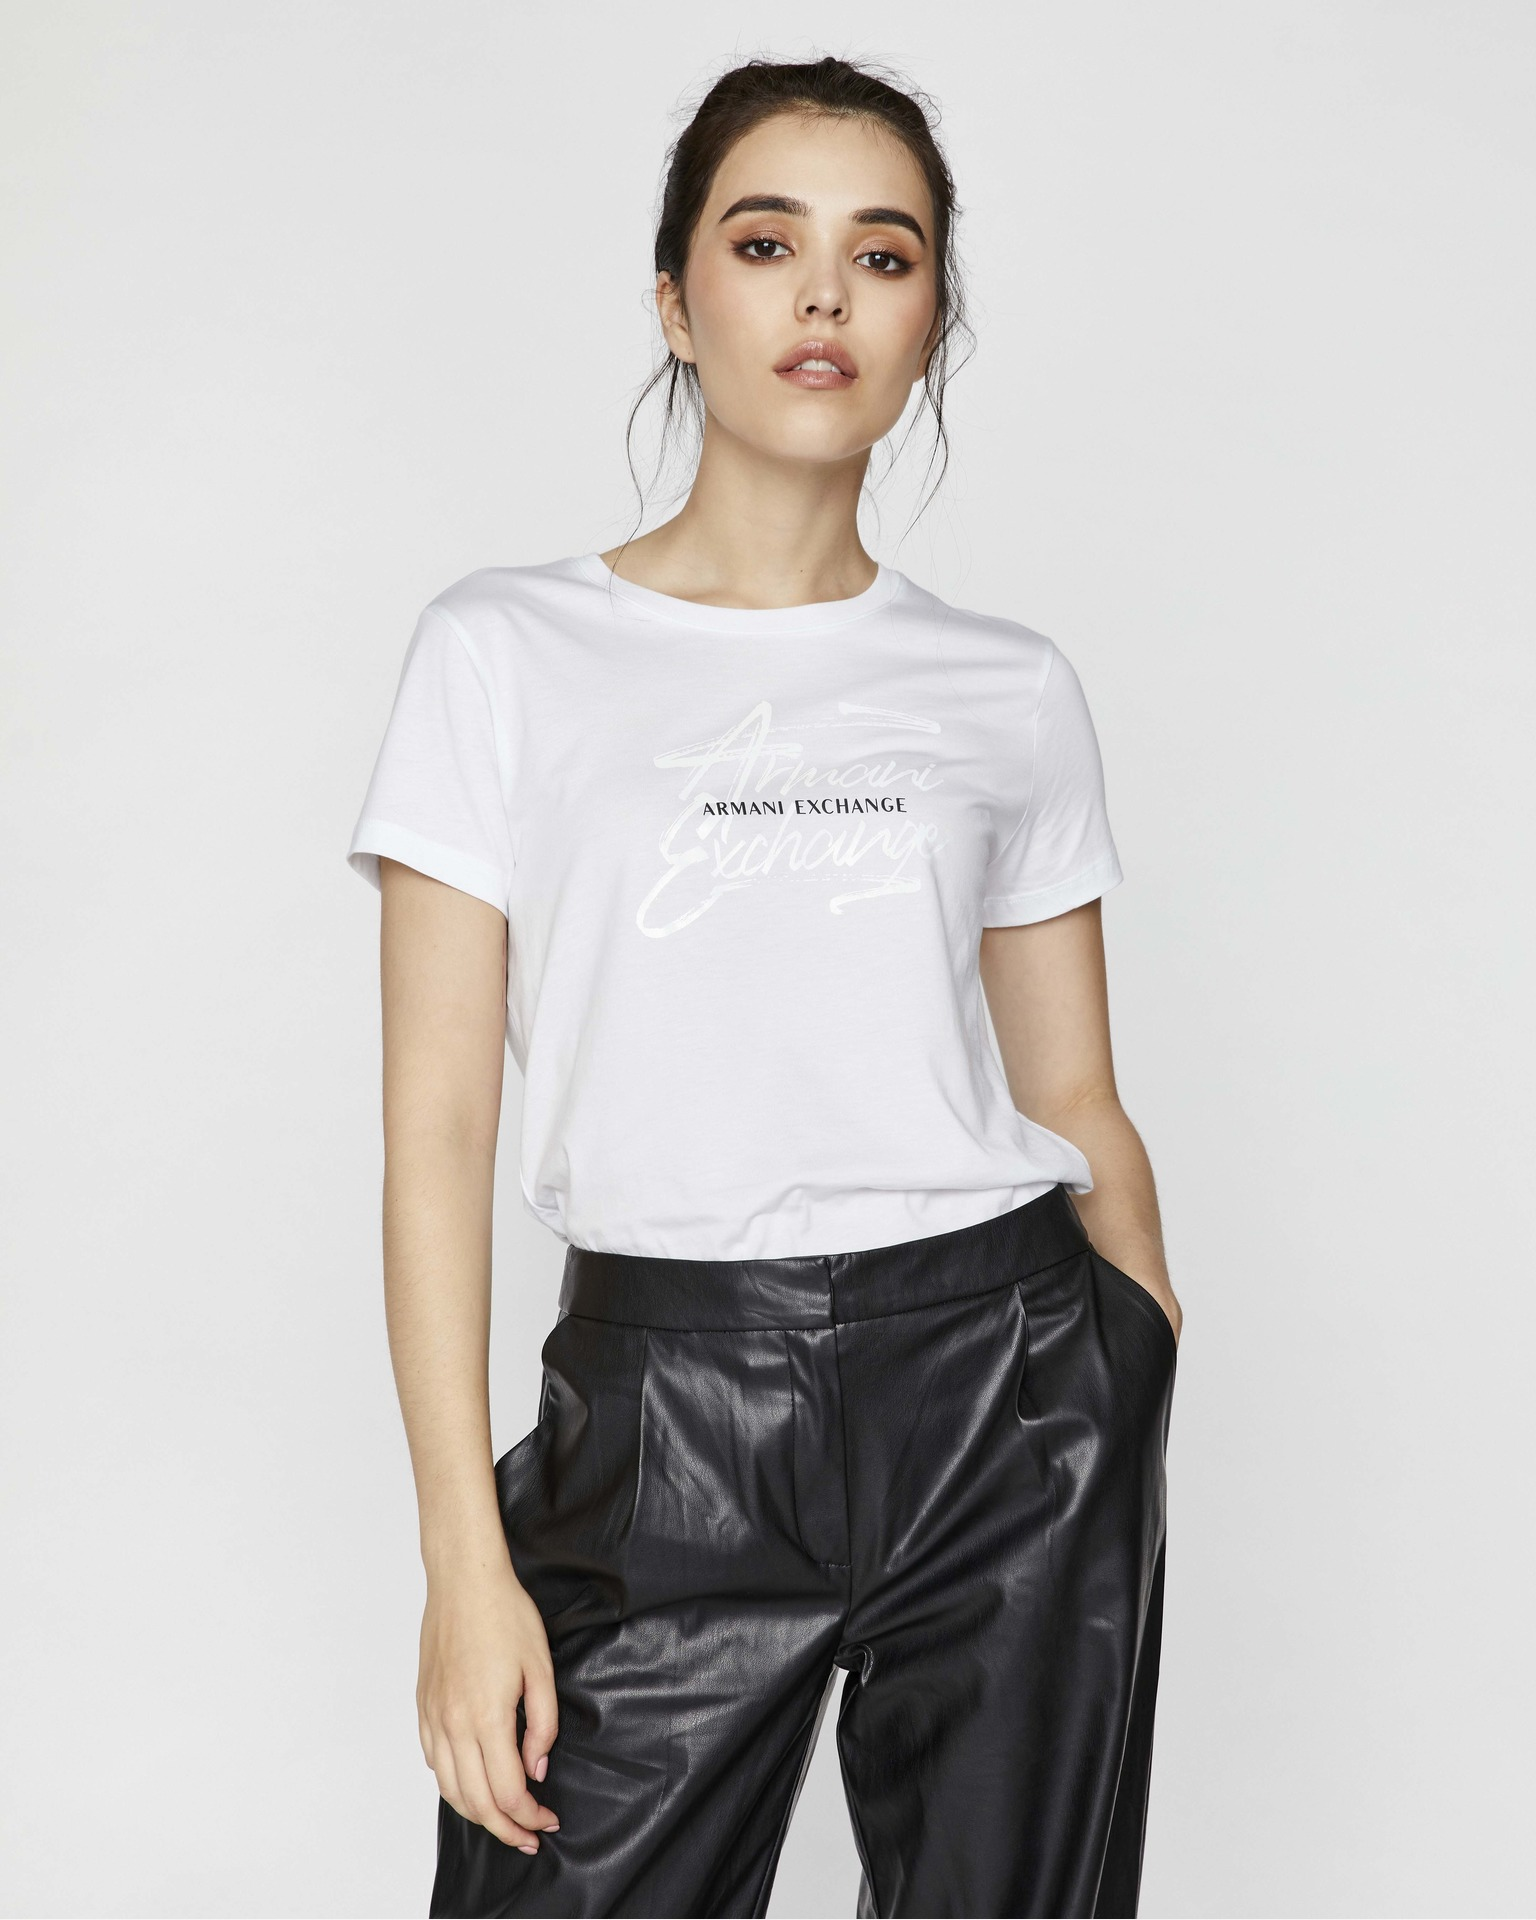 Armani Exchange bianco da donna maglietta